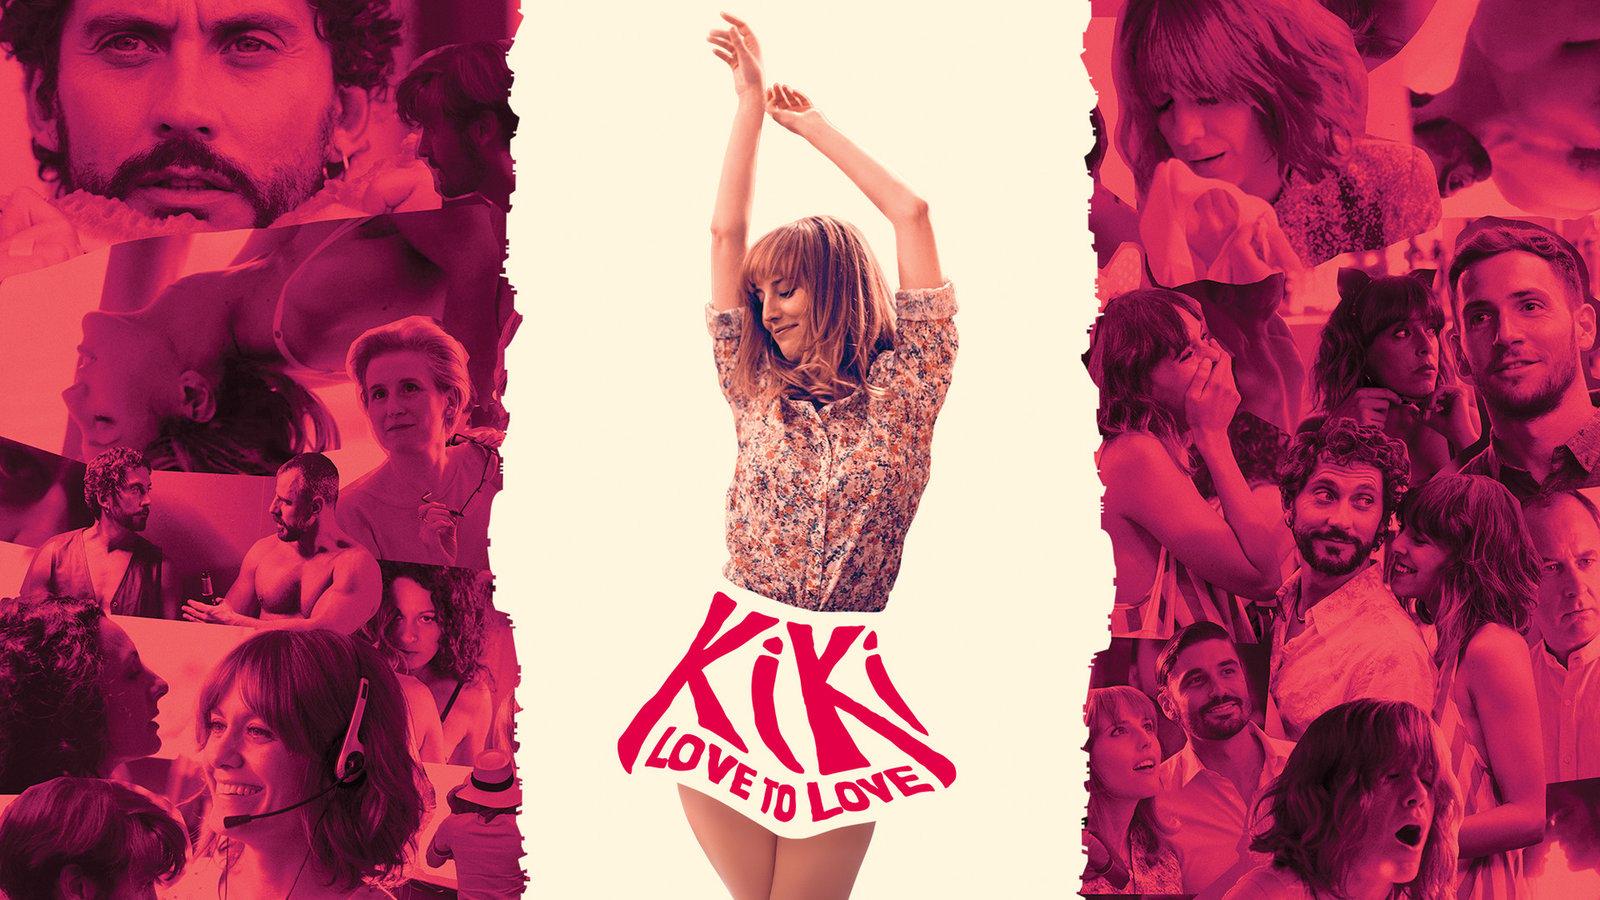 Kiki, Love to Love - Kiki, el amor se hace